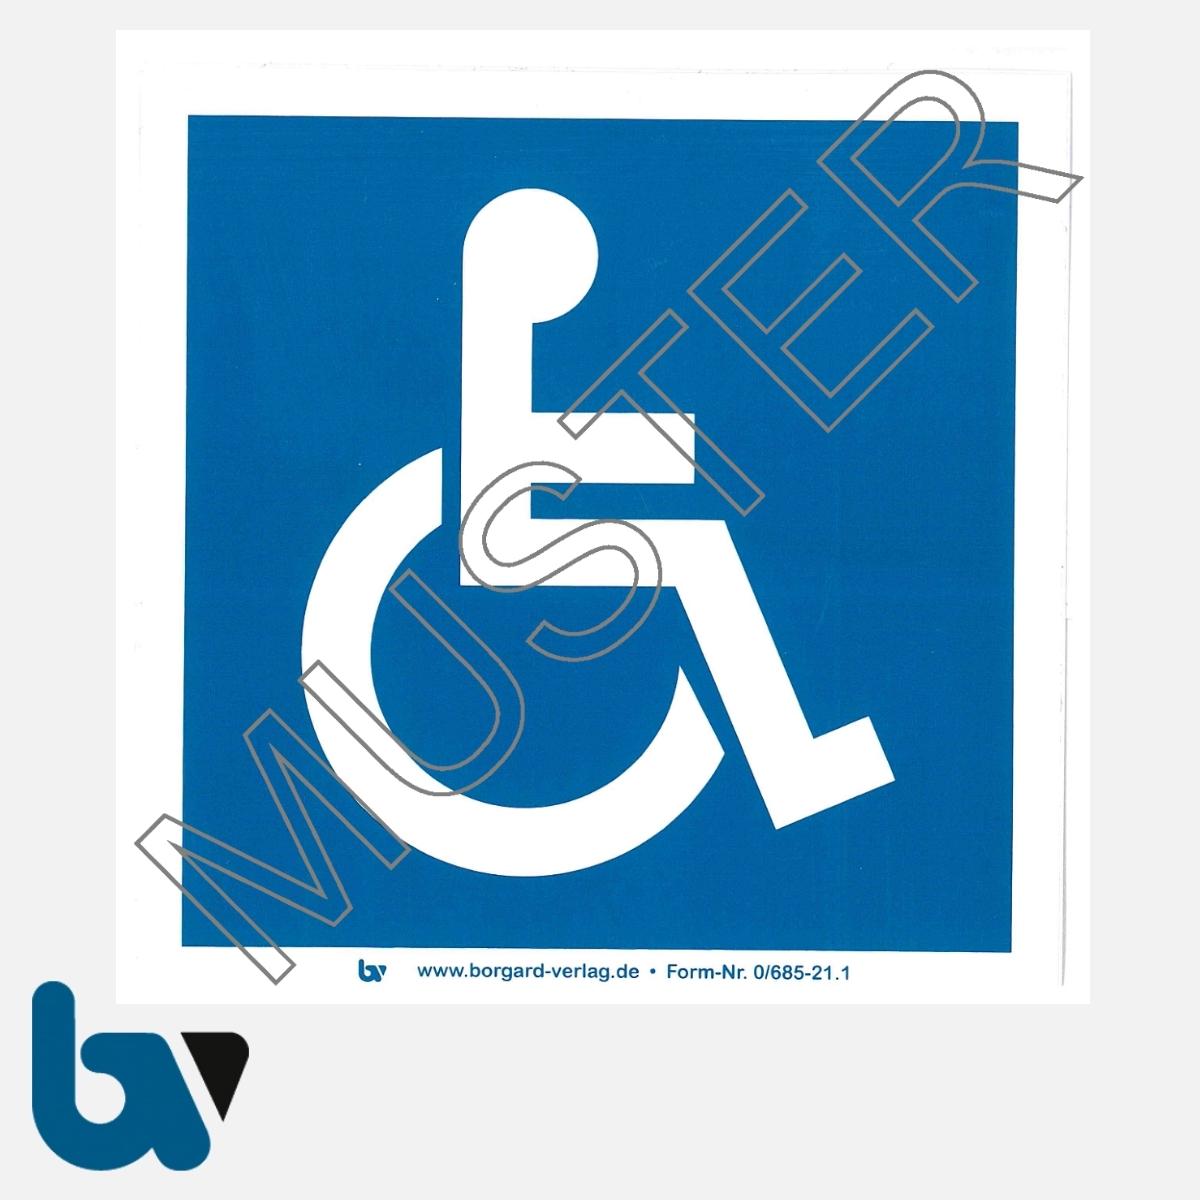 0/685-21.1 Außen-Aufkleber mit Rollstuhlfahrer-Symbol selbstklebend geschlitzt VS | Borgard Verlag GmbH